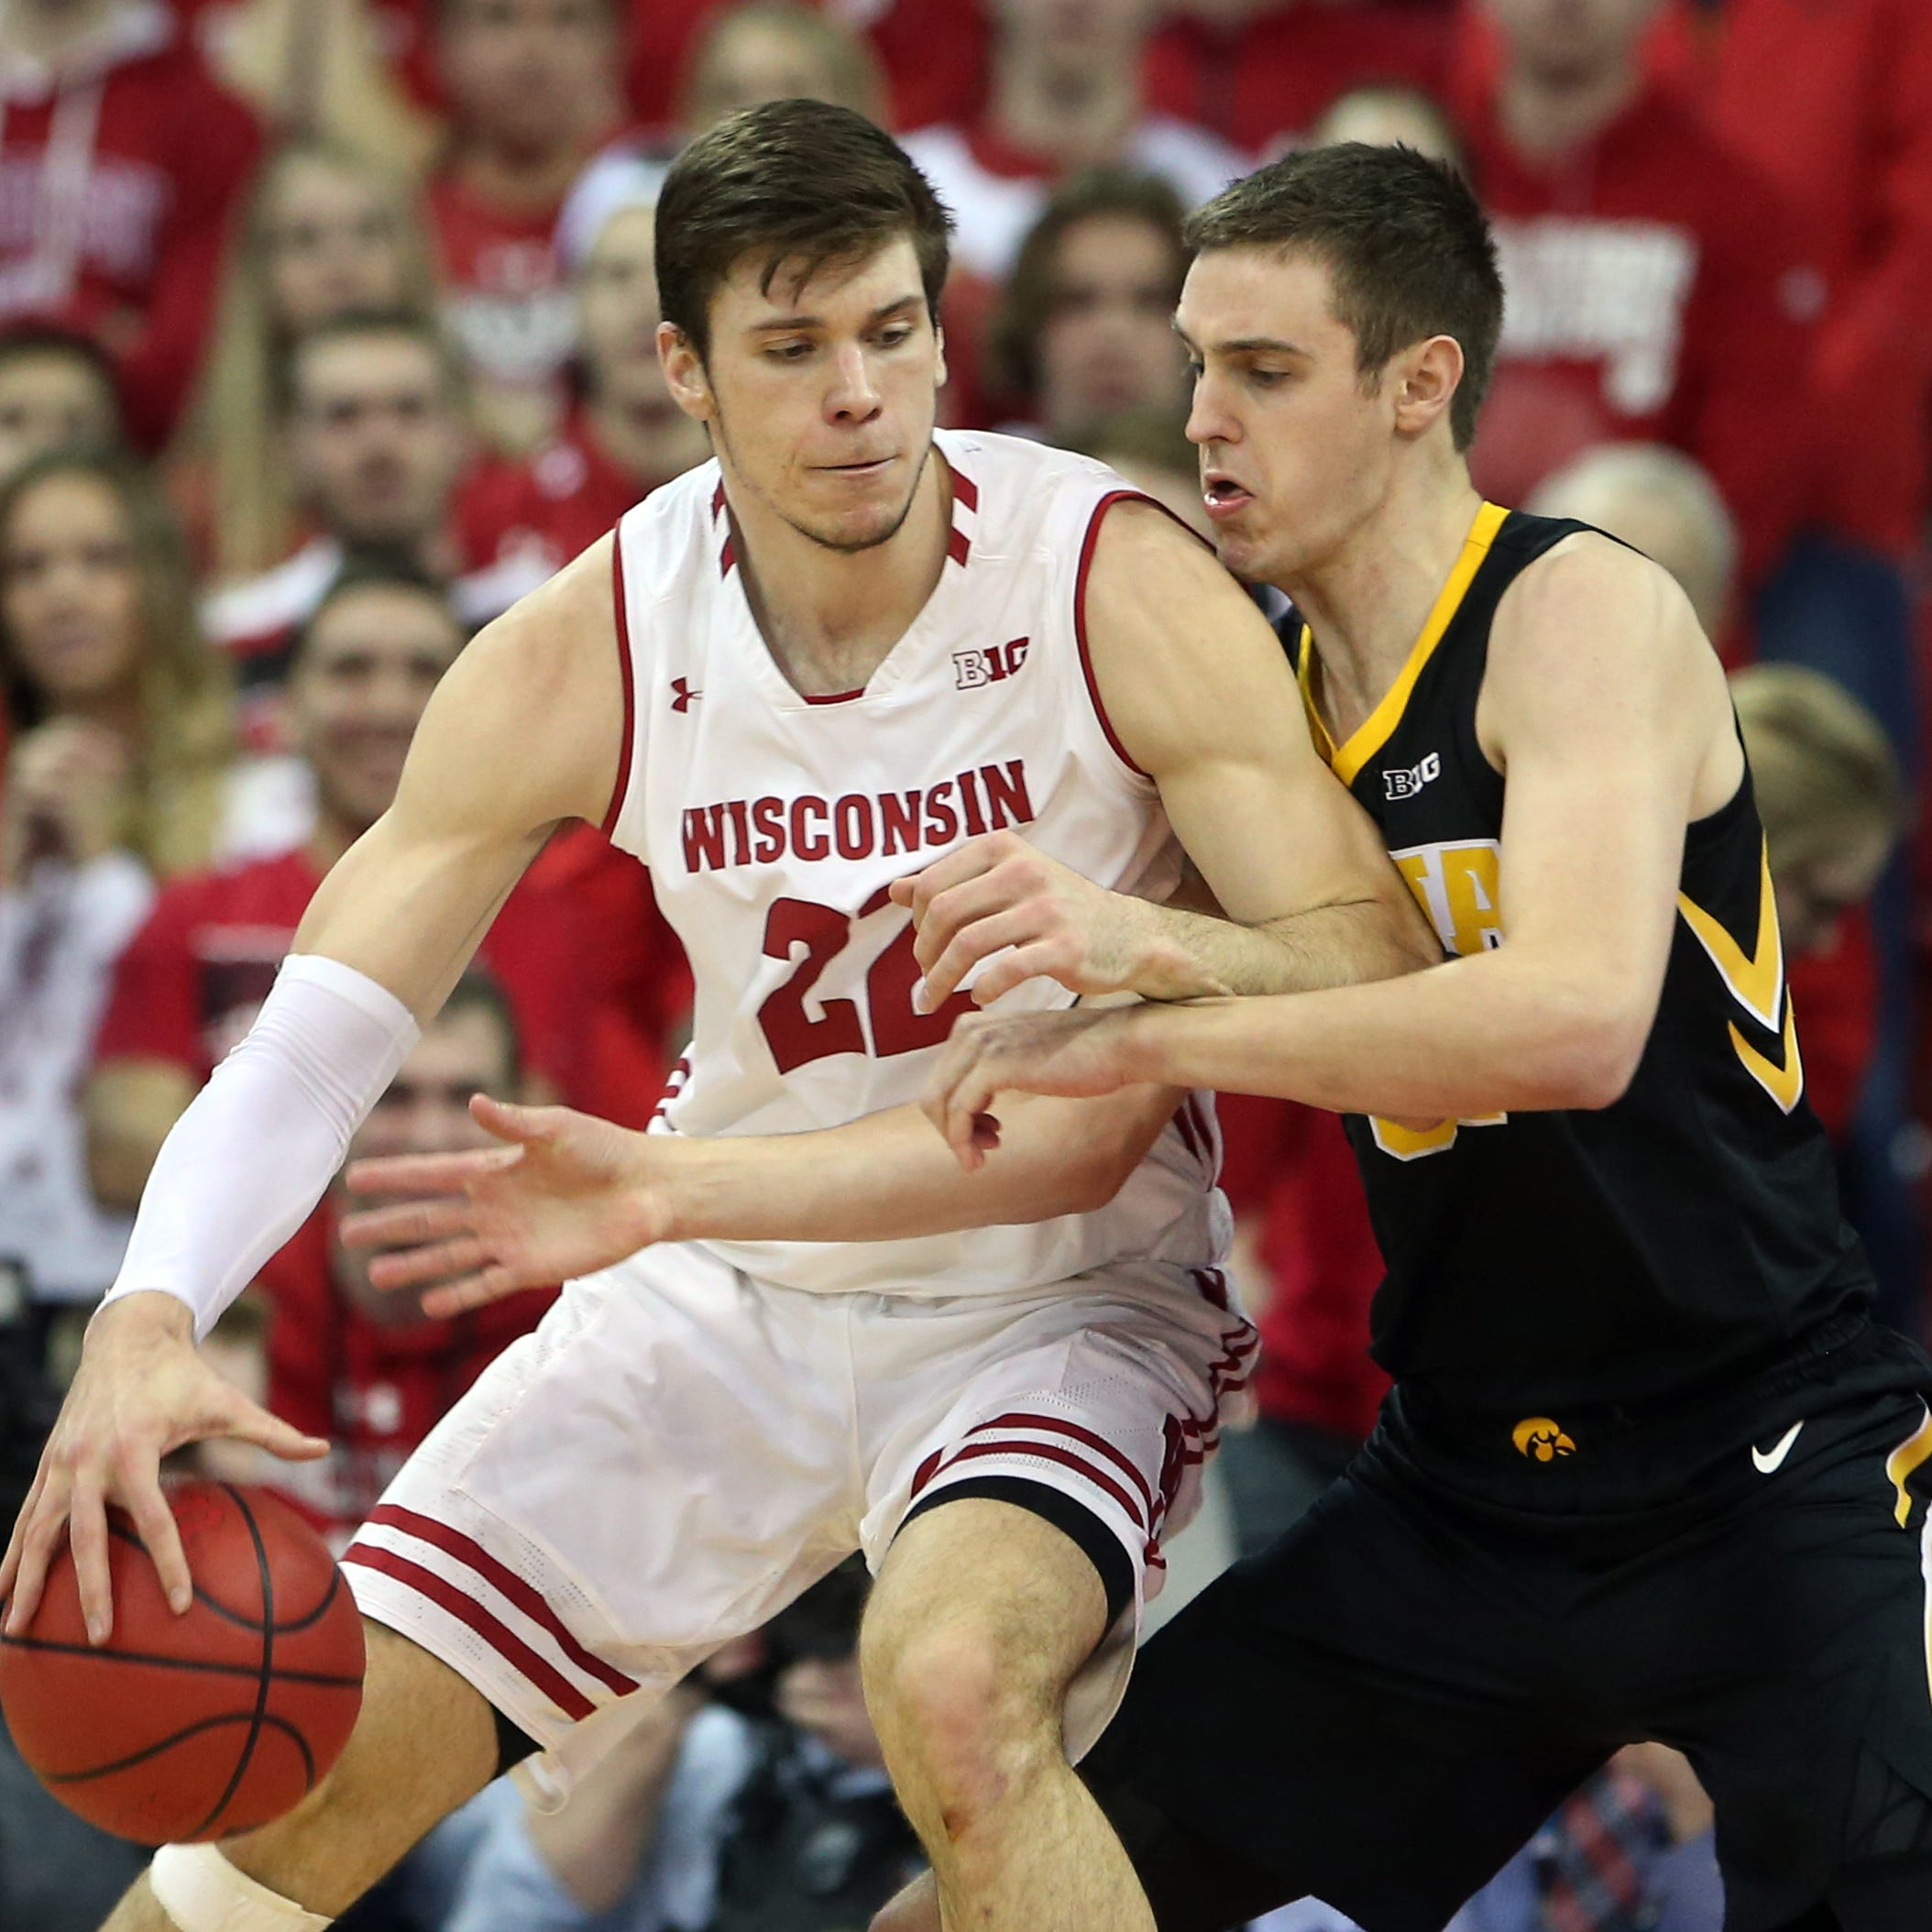 Leistikow: Making sense of Iowa basketball season that's gone off the rails